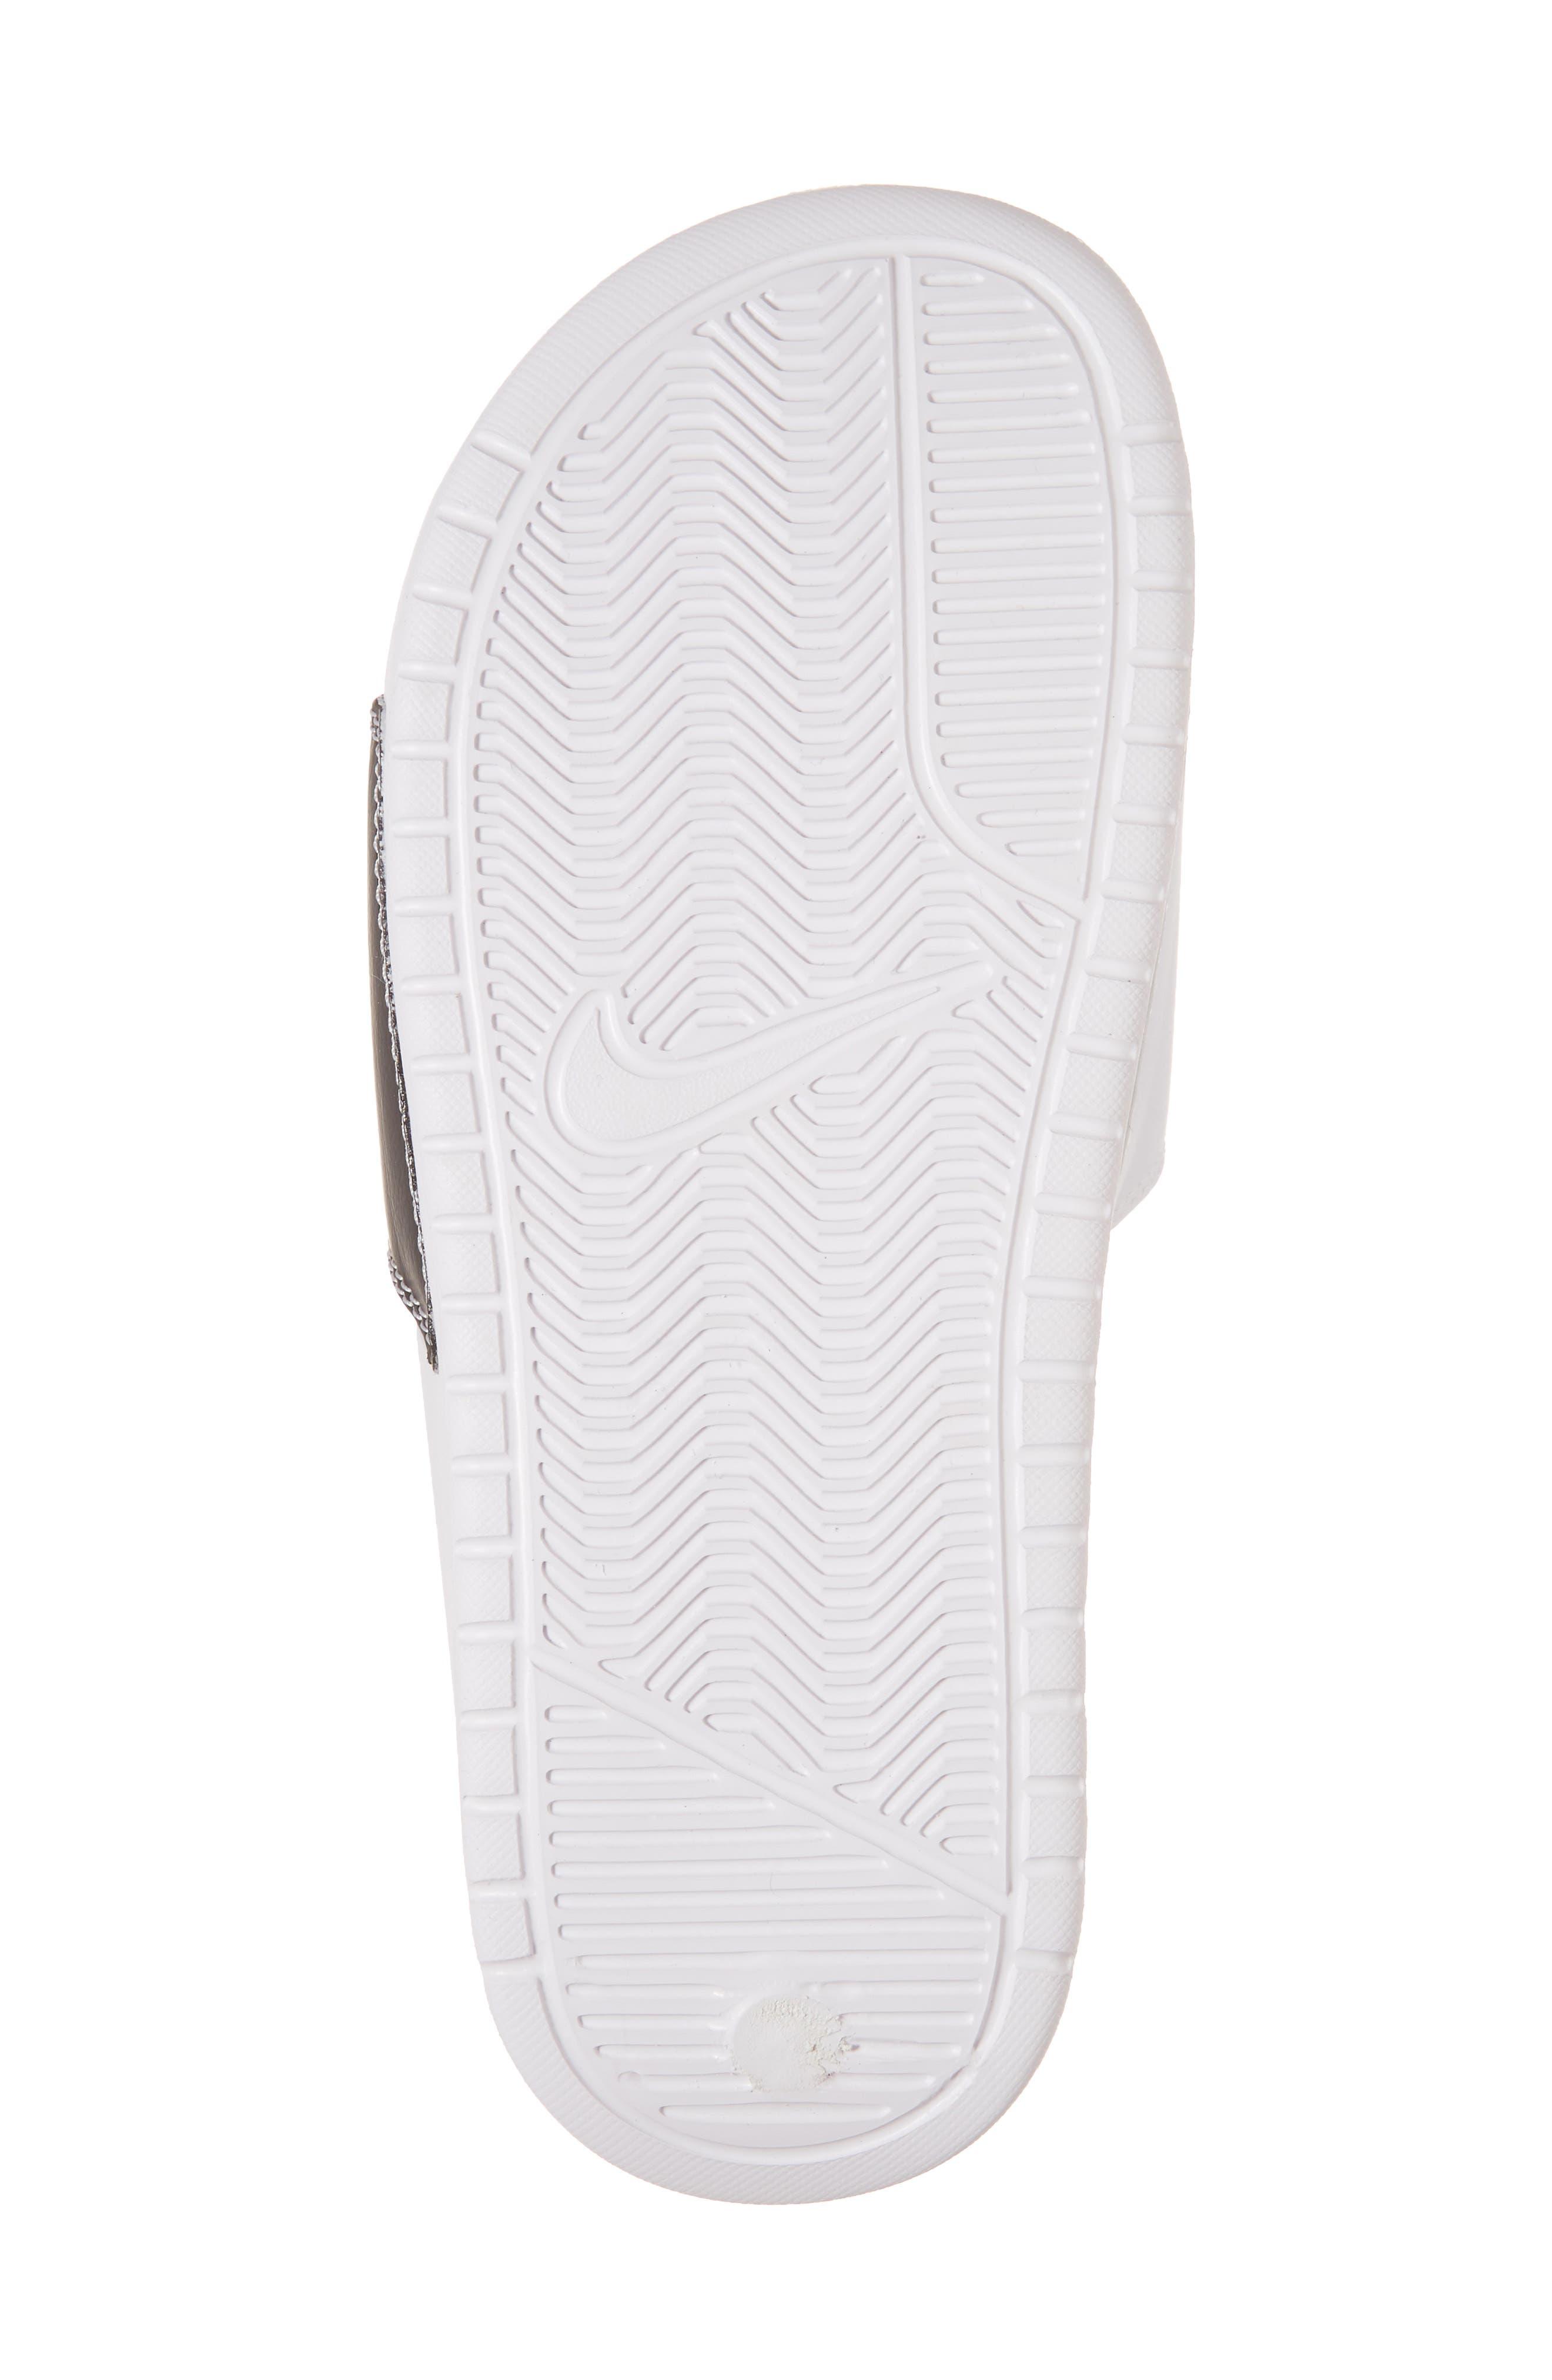 Benassi JDI Slide Sandal,                             Alternate thumbnail 6, color,                             White/ Pure Platinum